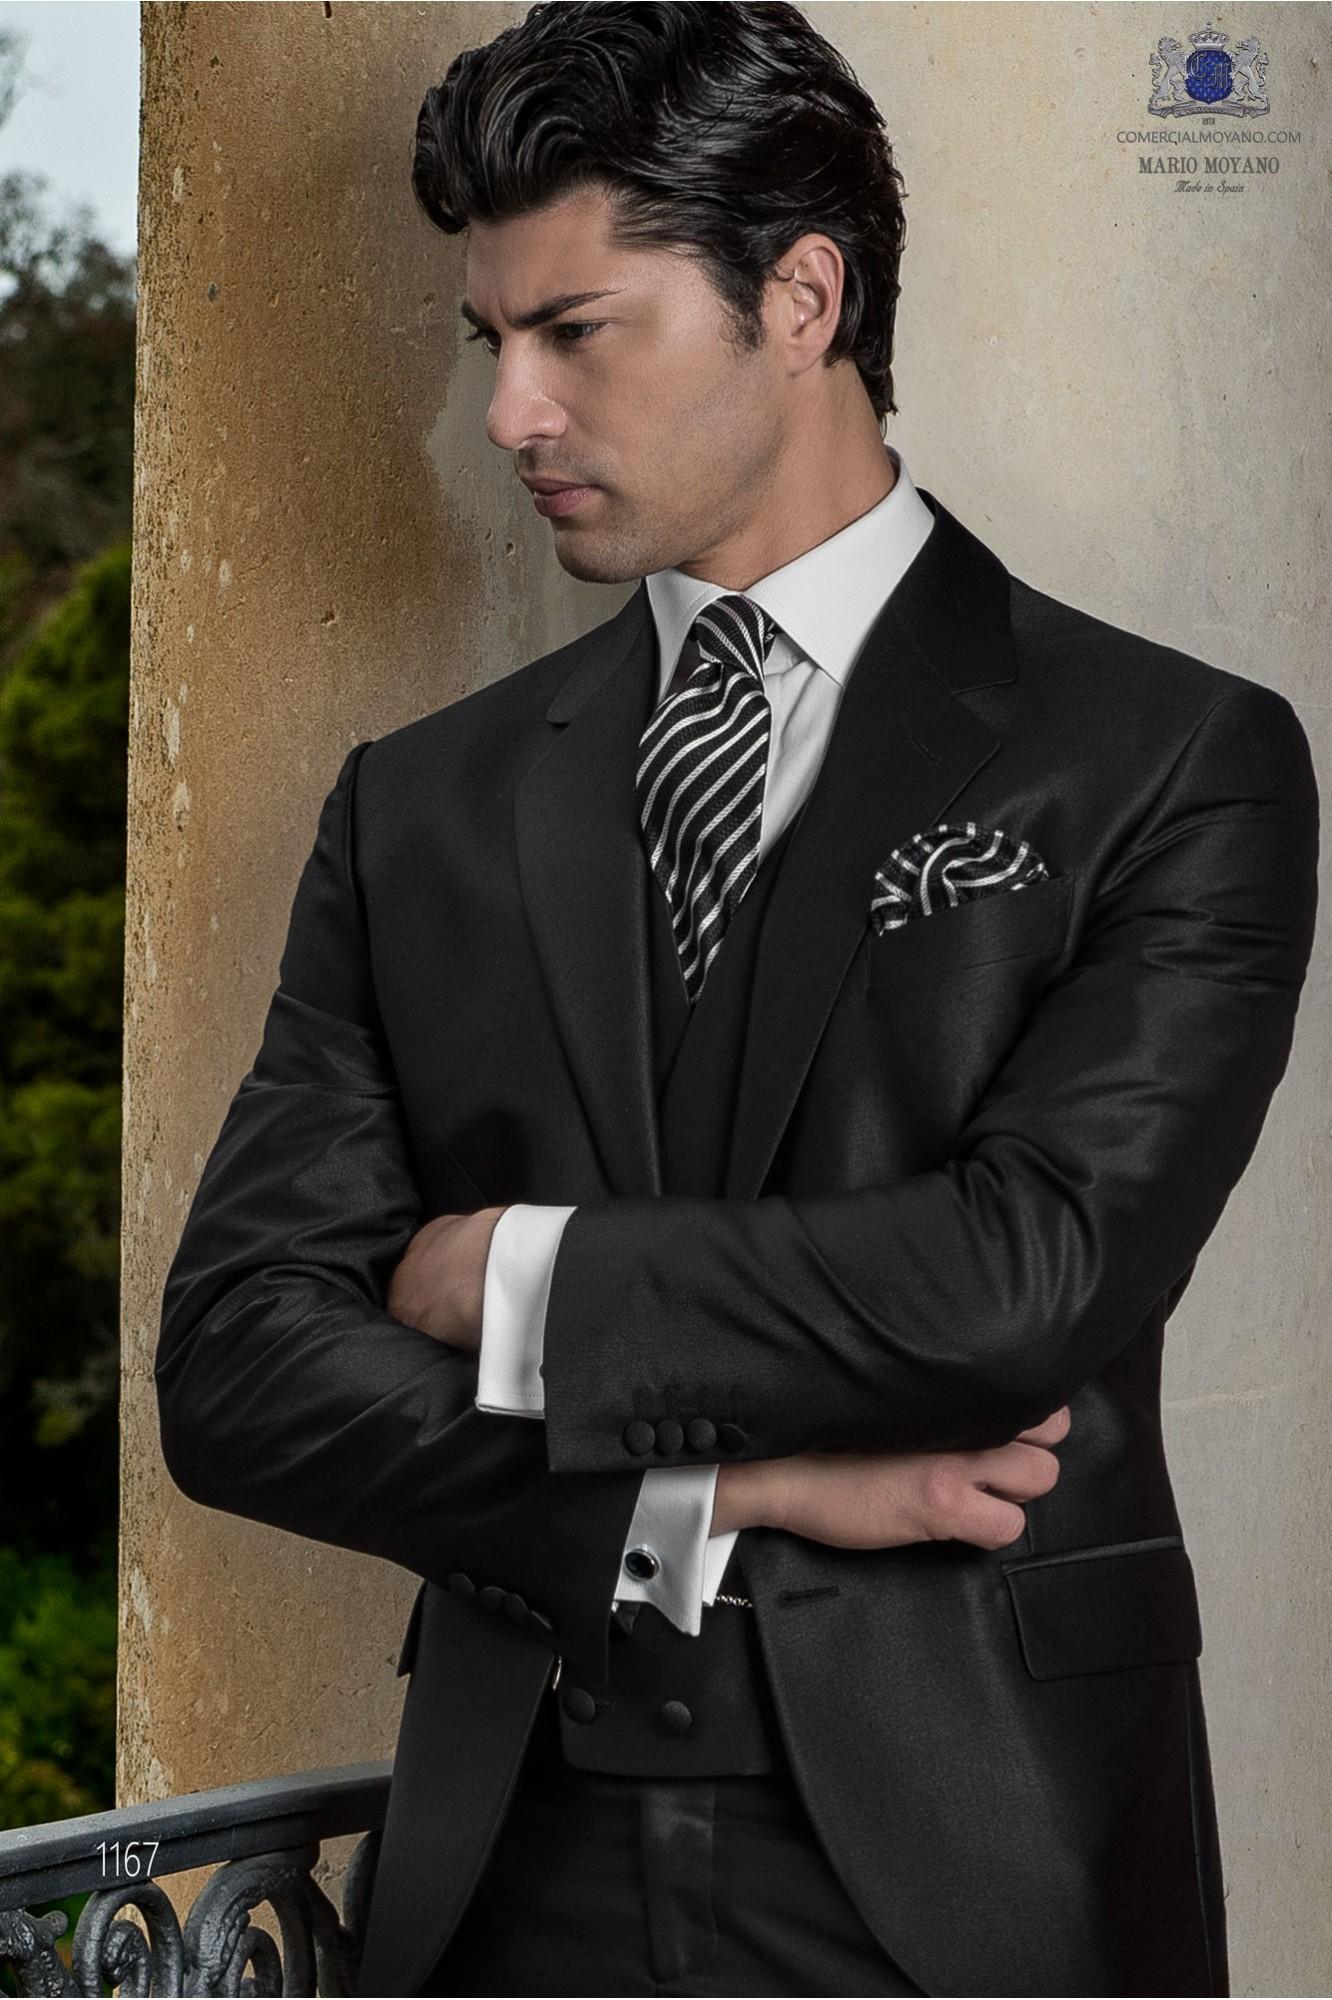 Traje de novio italiano gris antracita modelo: 1167 Ottavio Nuccio Gala colección Gentleman